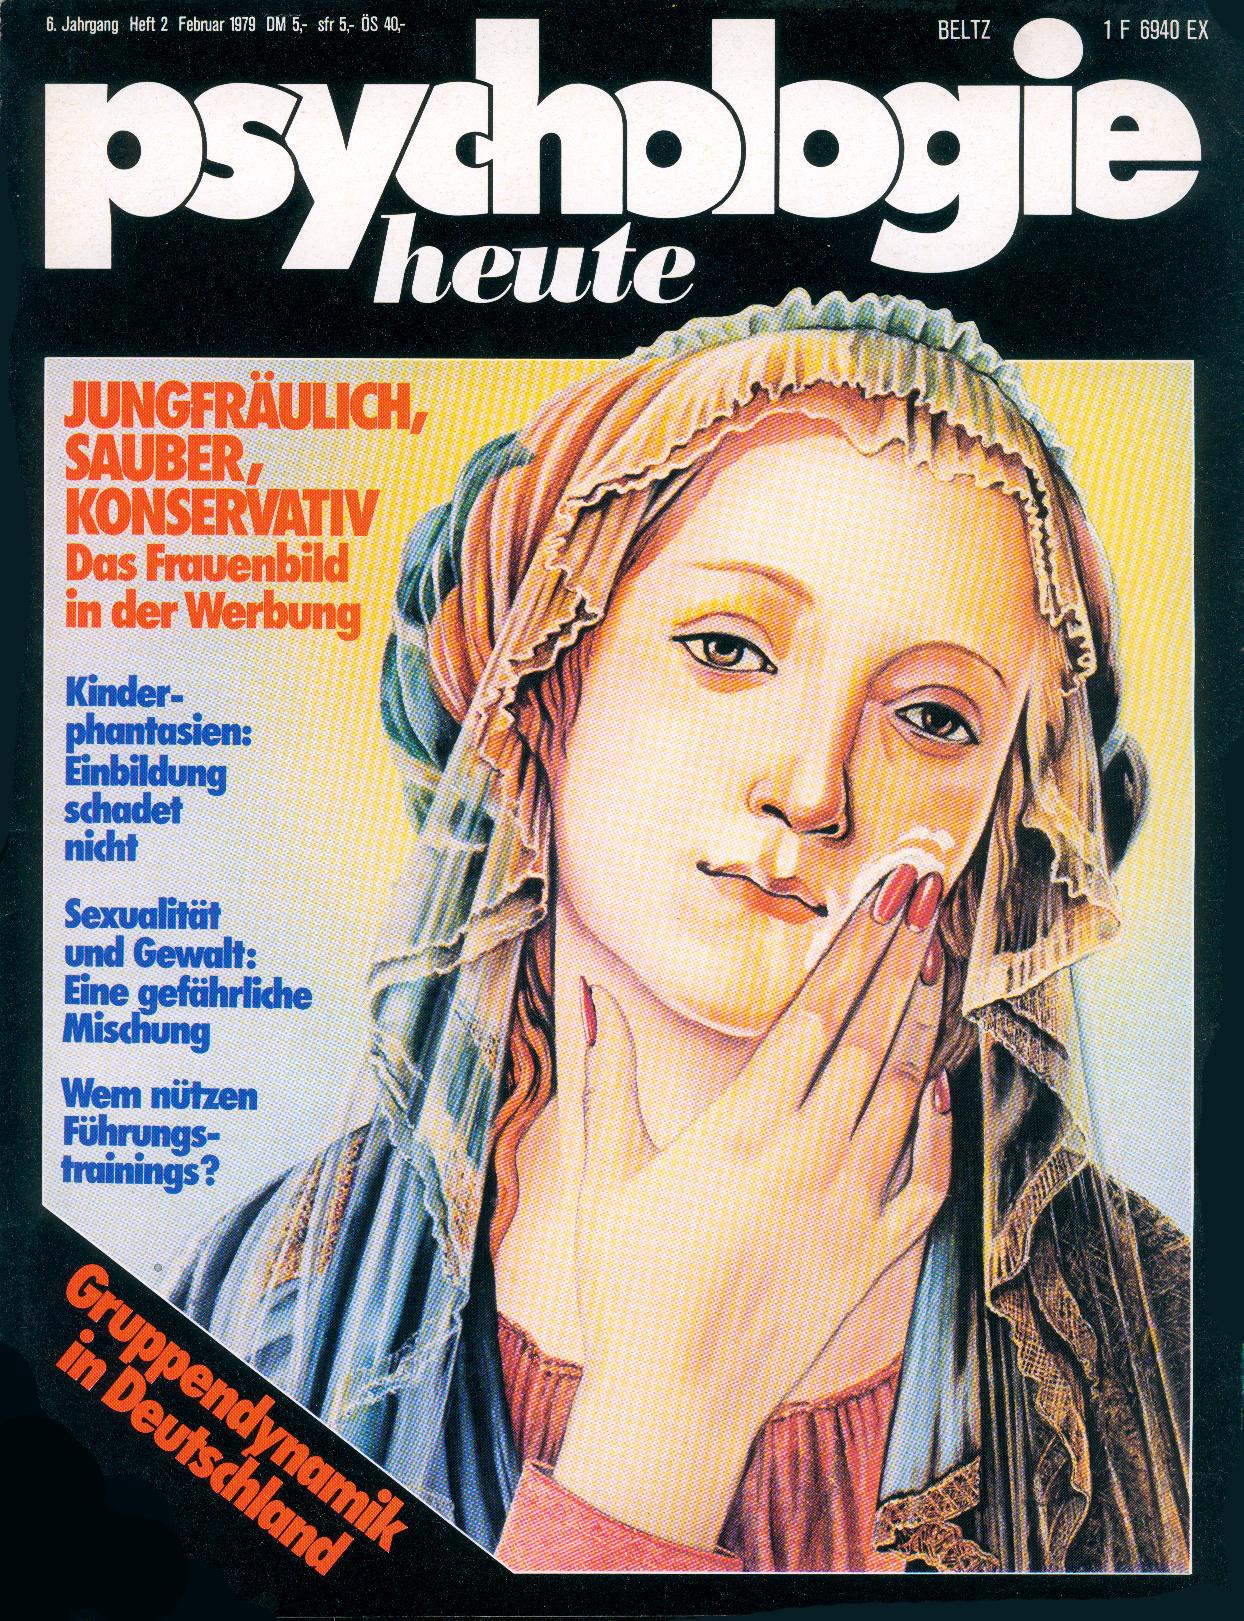 Psychologie heute (mit Rita Mühlbauer) © Hanno Rink